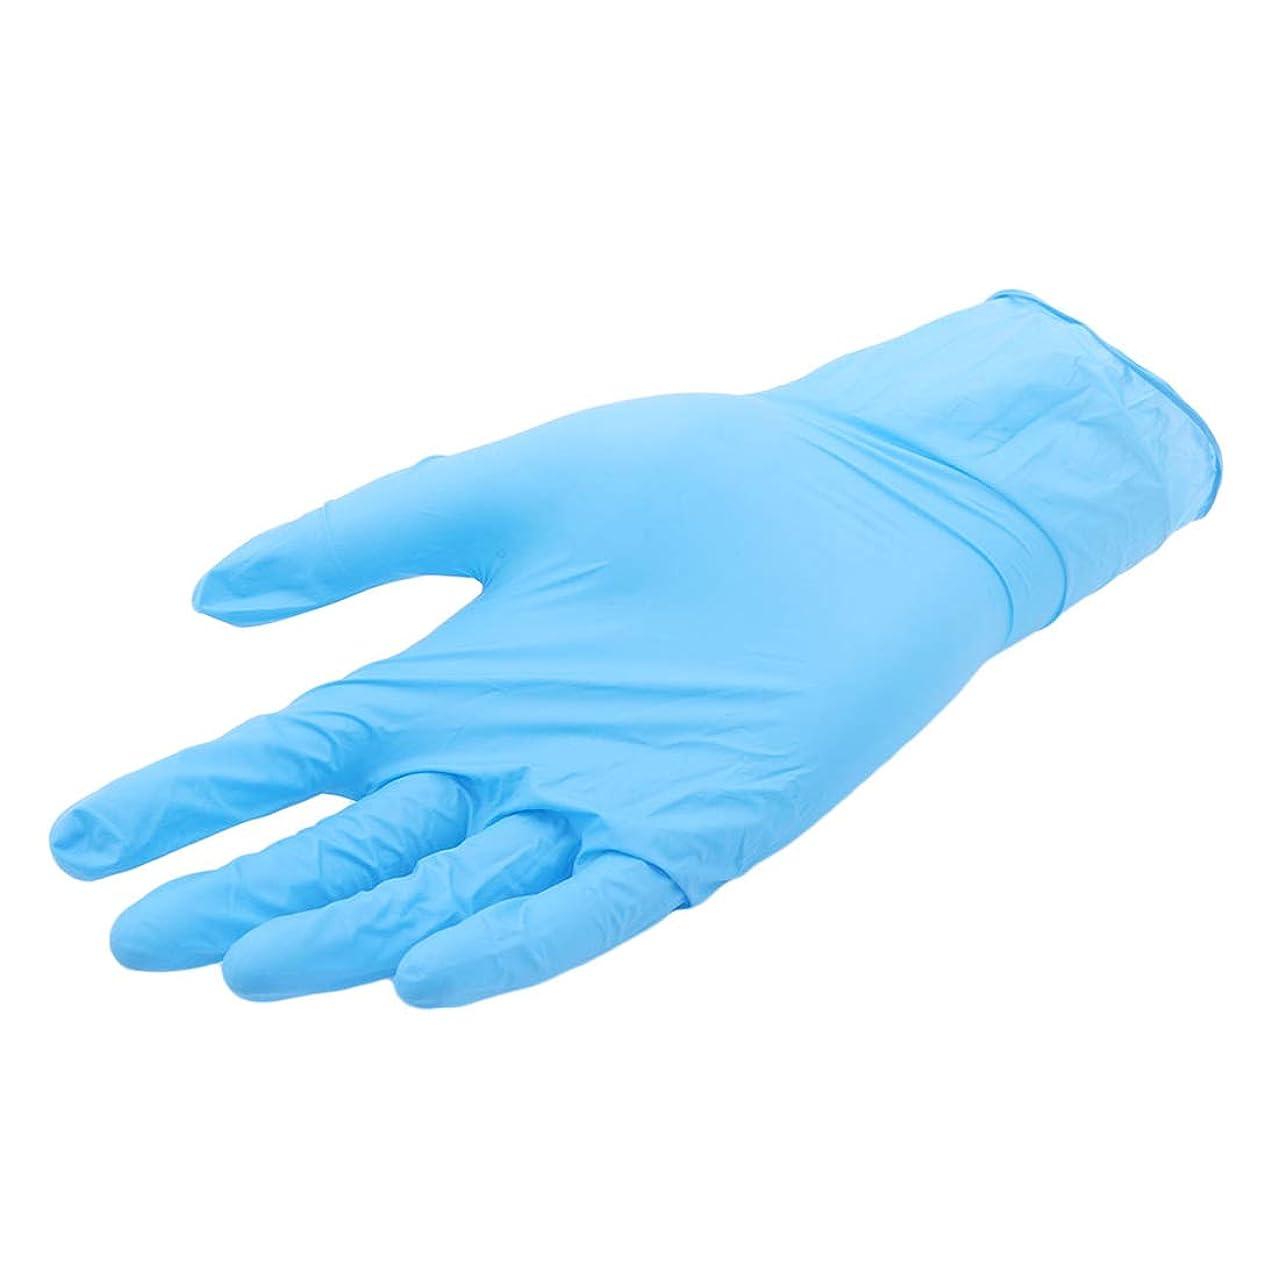 宣言シリング仕出しますKLUMA ニトリル手袋 使い捨て手袋 100枚入 粉なし 薄い手袋 防水 耐油性 手荒いを防ぎ 園芸 素手感覚